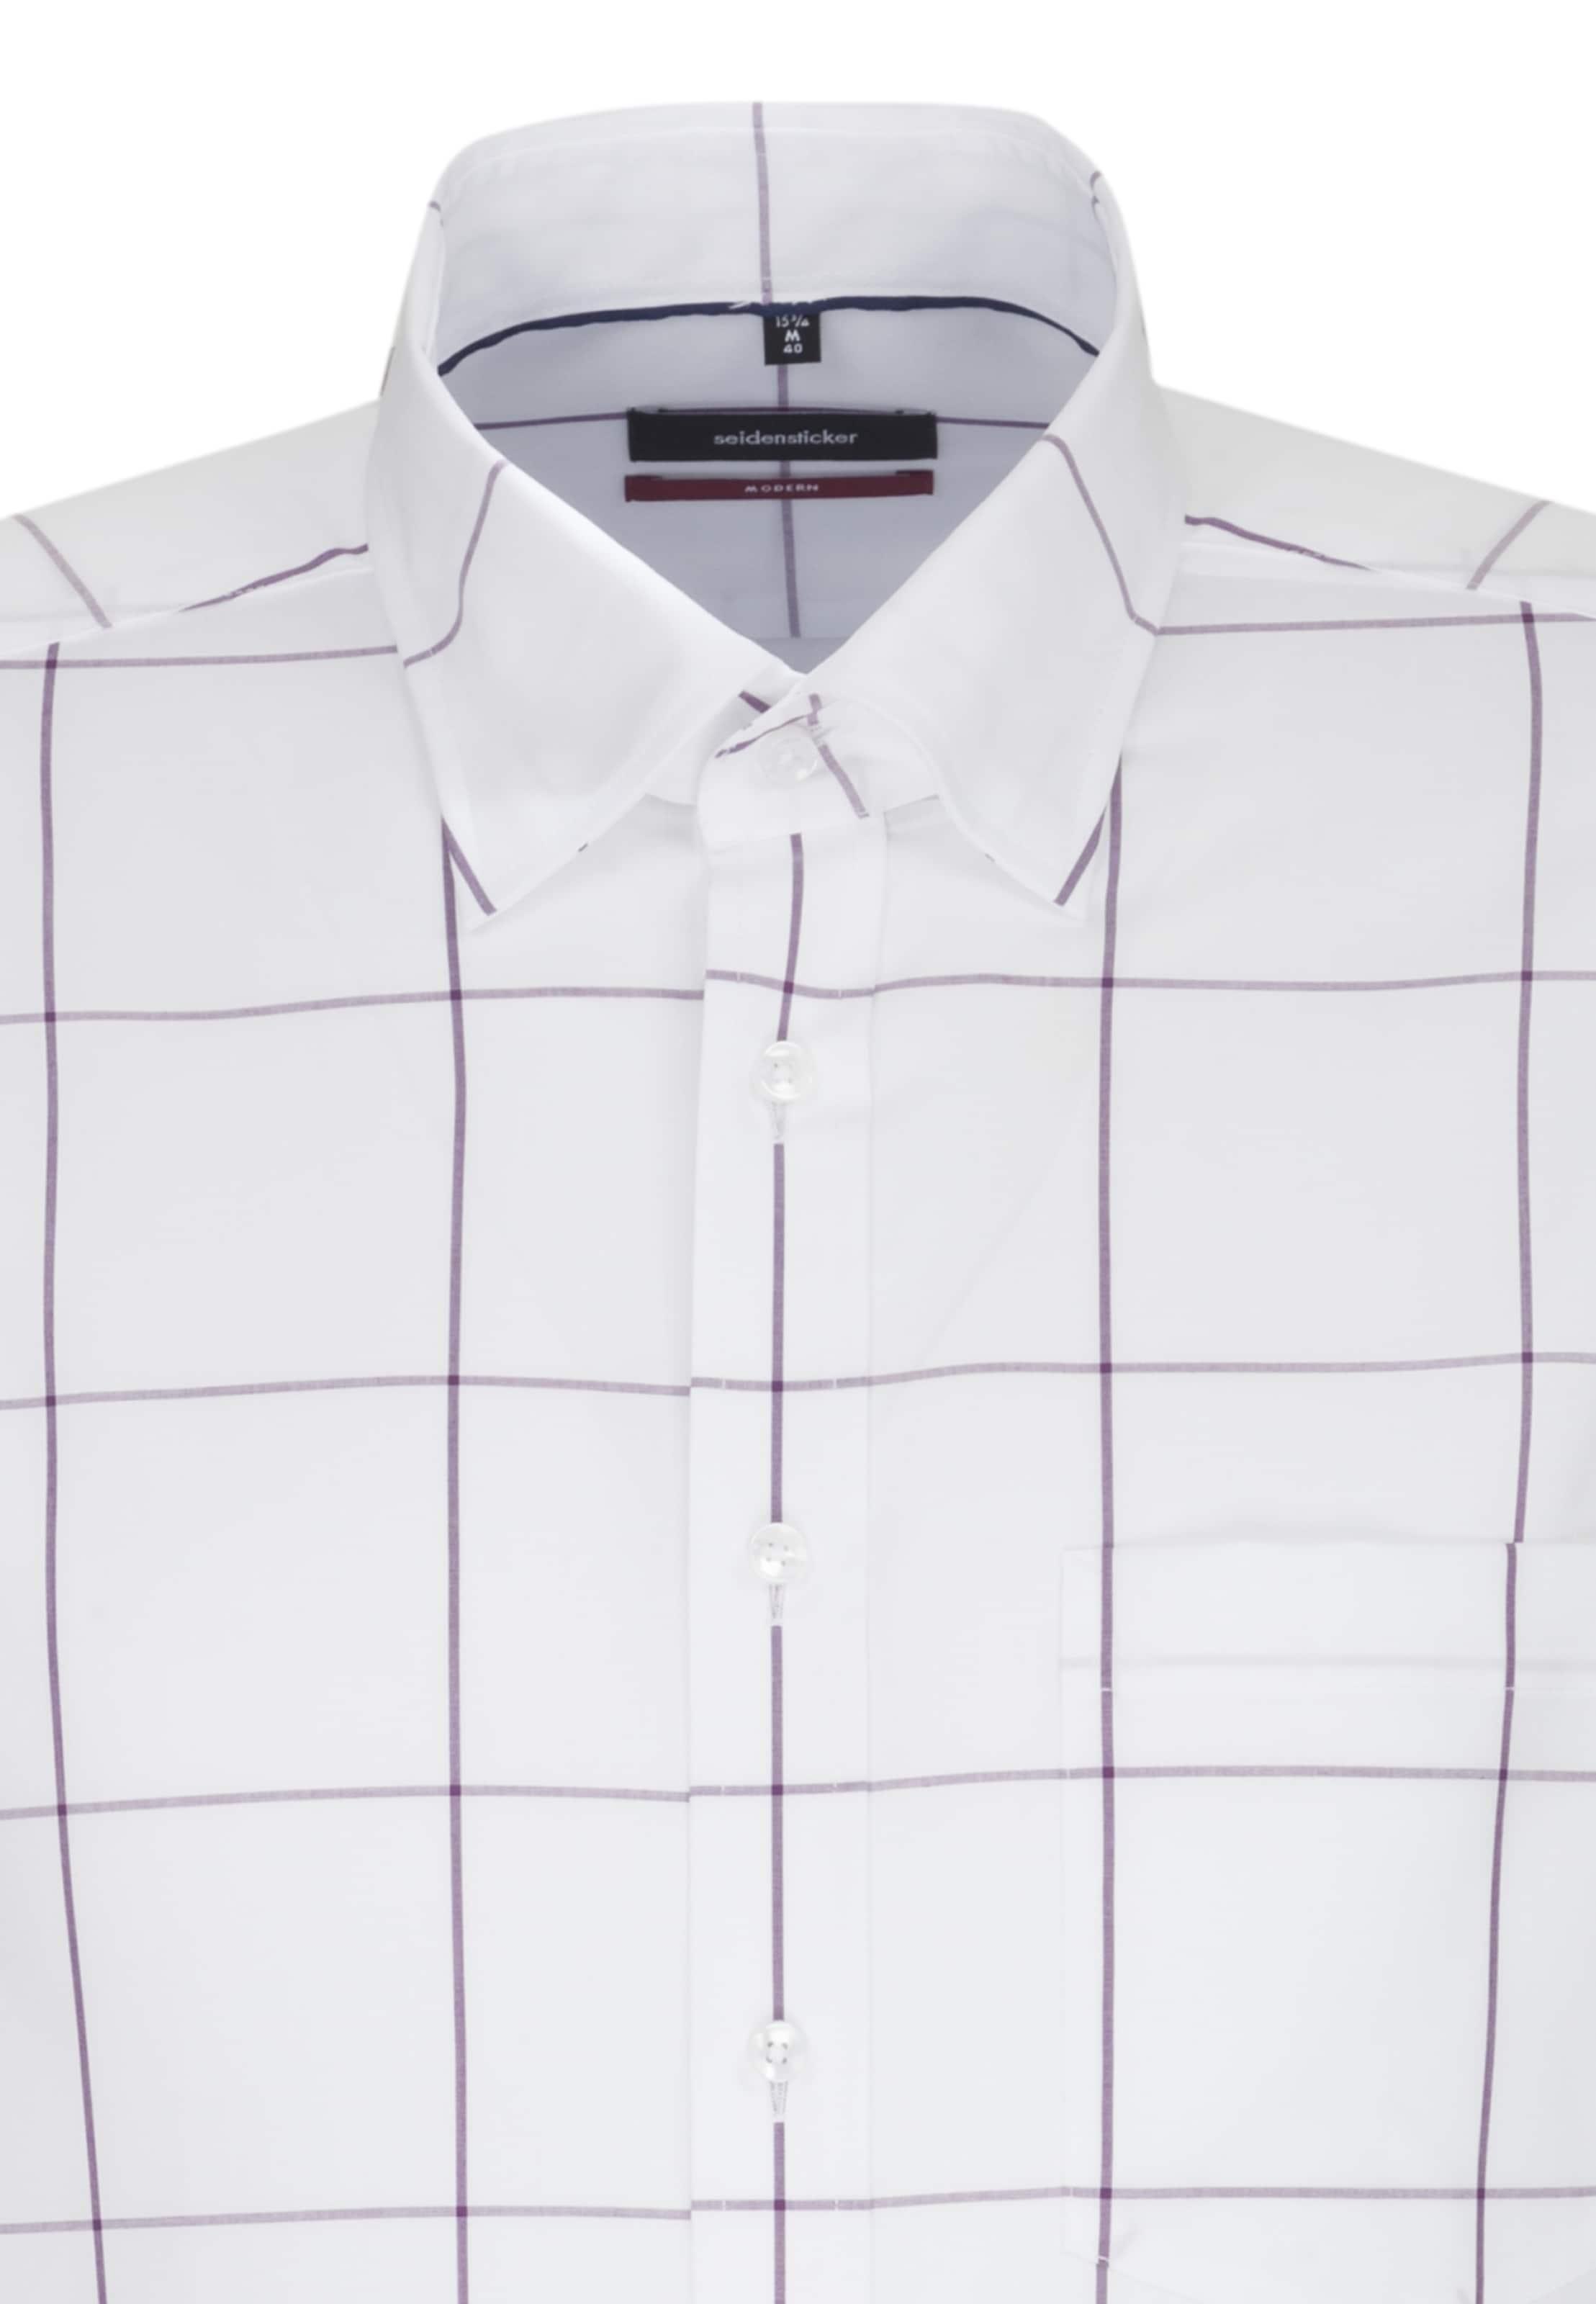 Seidensticker Hemd Hemd In Seidensticker In LilaWeiß N8vOn0mw